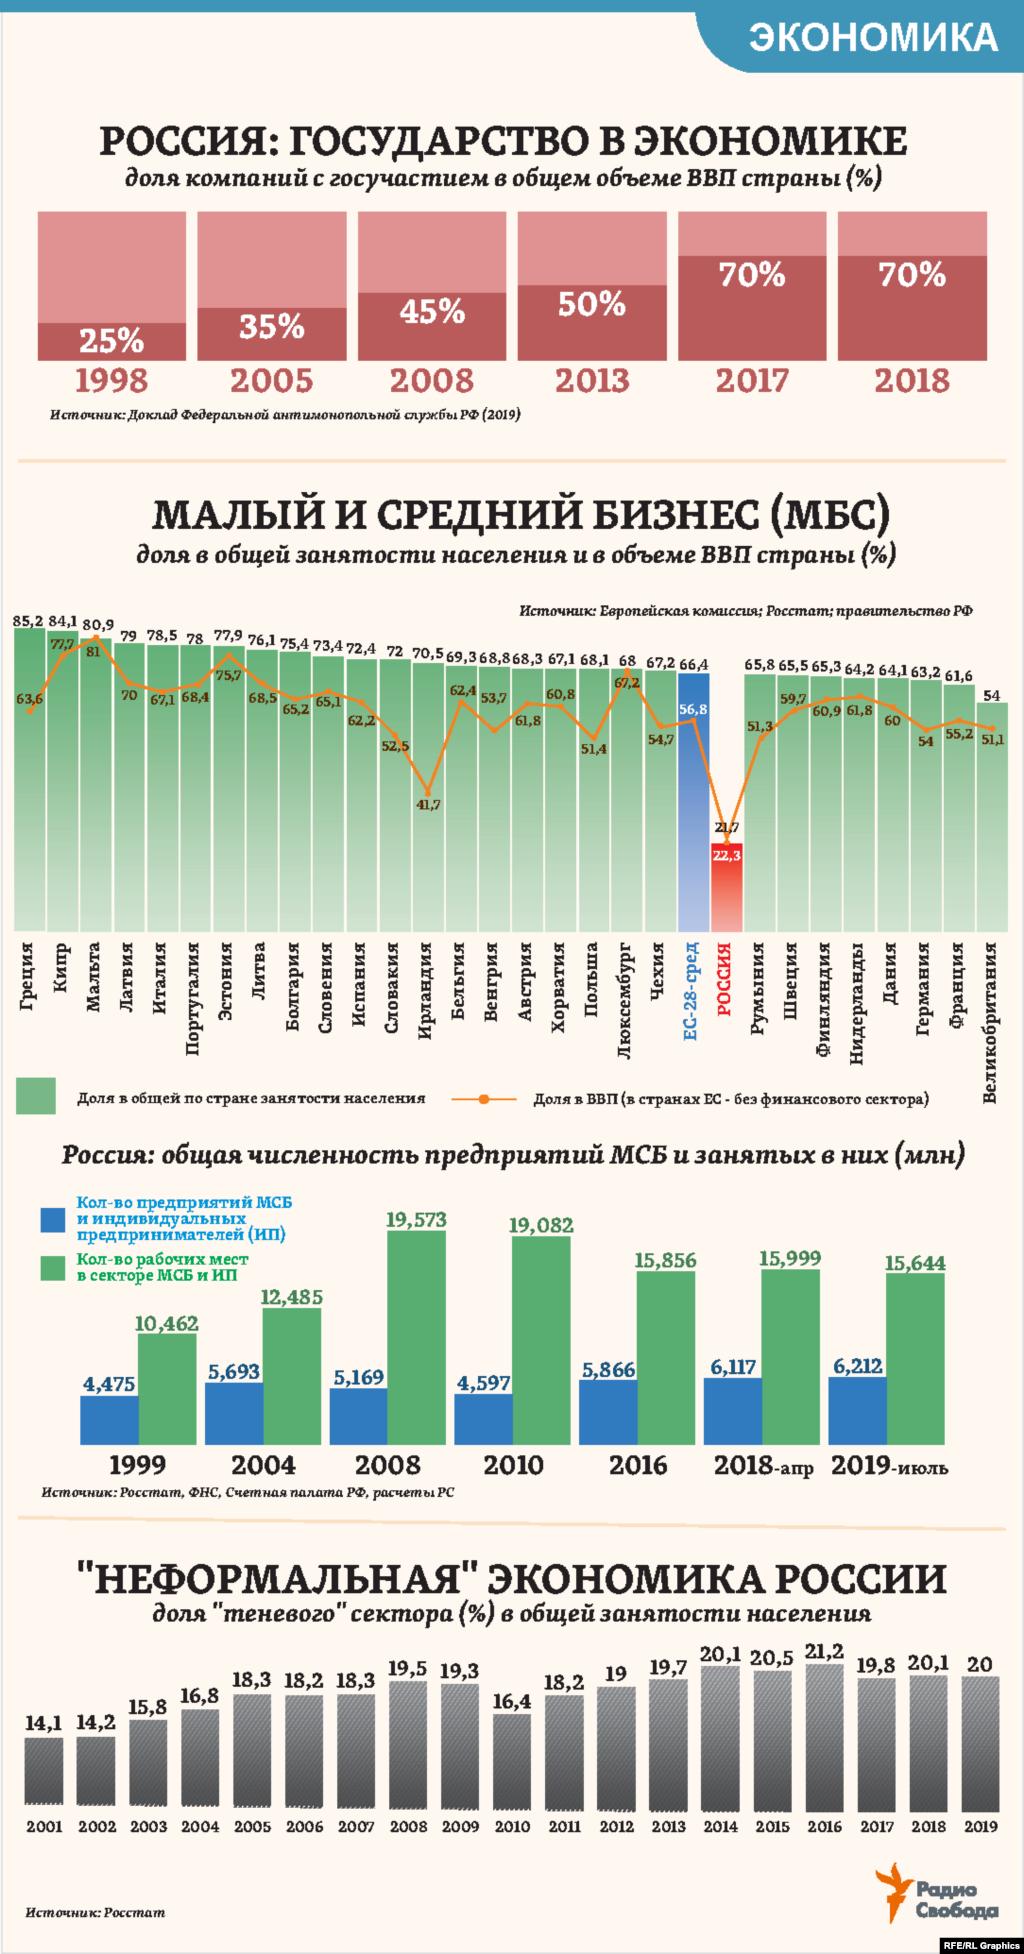 """Доля государства в экономике России за минувшие 20 лет выросла почти в три раза, следует из недавних оценок Федеральной антимонопольной службы РФ. За это же время количество предприятий малого и среднего бизнеса (МСБ) в стране увеличилось лишь на одну треть, а их совокупная доля в экономике России – в три раза меньше даже средних показателей для стран Европейского союза. При этом в """"теневом"""" секторе российской экономики, даже по официальным оценкам, занят каждый пятый из работающих в ней. Экспертные же оценки – вдвое выше."""